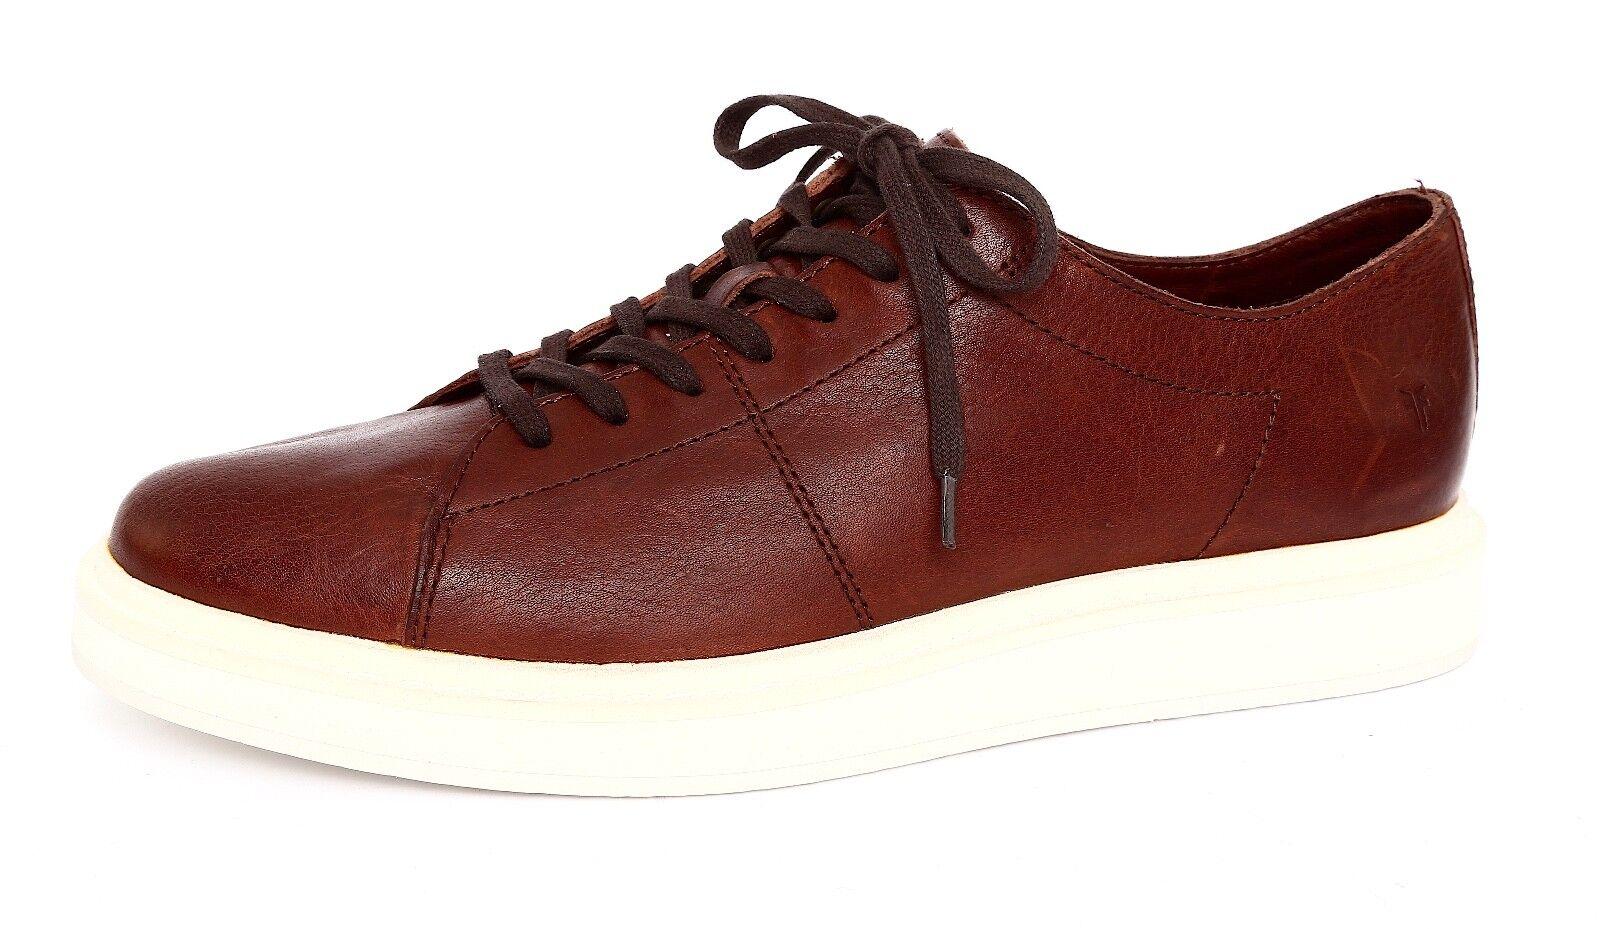 Frye Men's Brown Leather Mercer Low Lace Sneaker Sz 10 5026